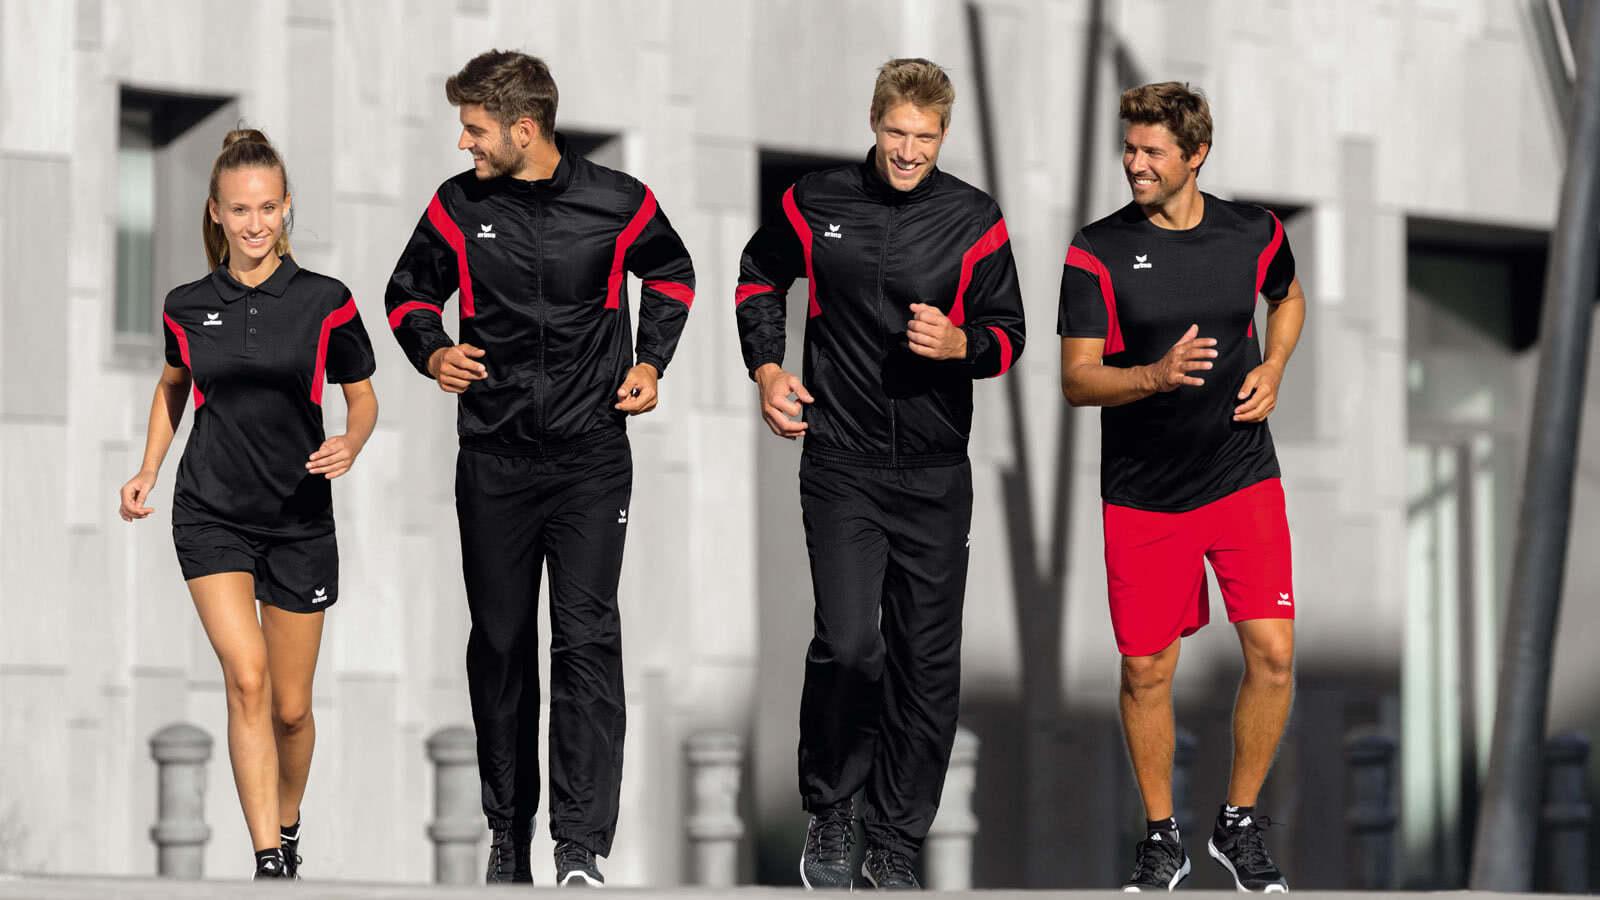 Die Erima Classico Team Sportbekleidung passt einfach immer und hat zudem noch einen günstigen Preis